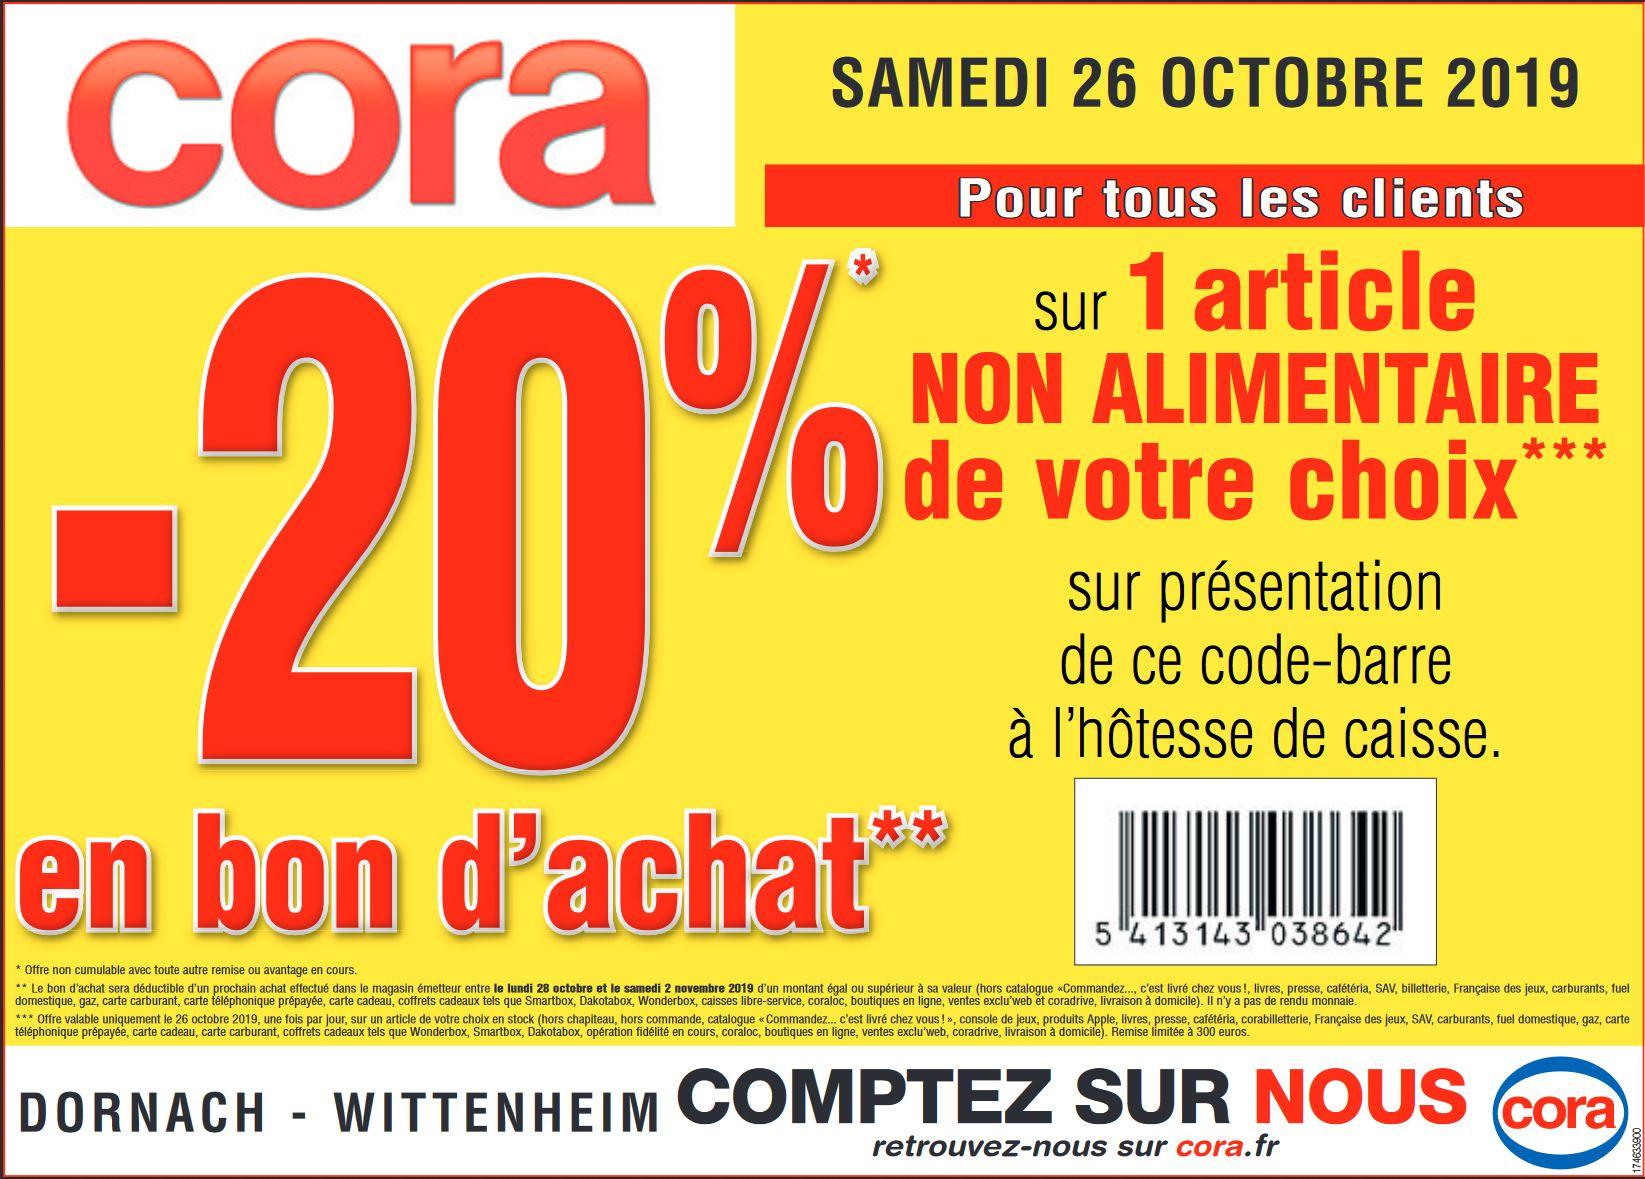 20% en bon d'achat pour l'achat d'un article non alimentaire au choix - Mulhouse (68)